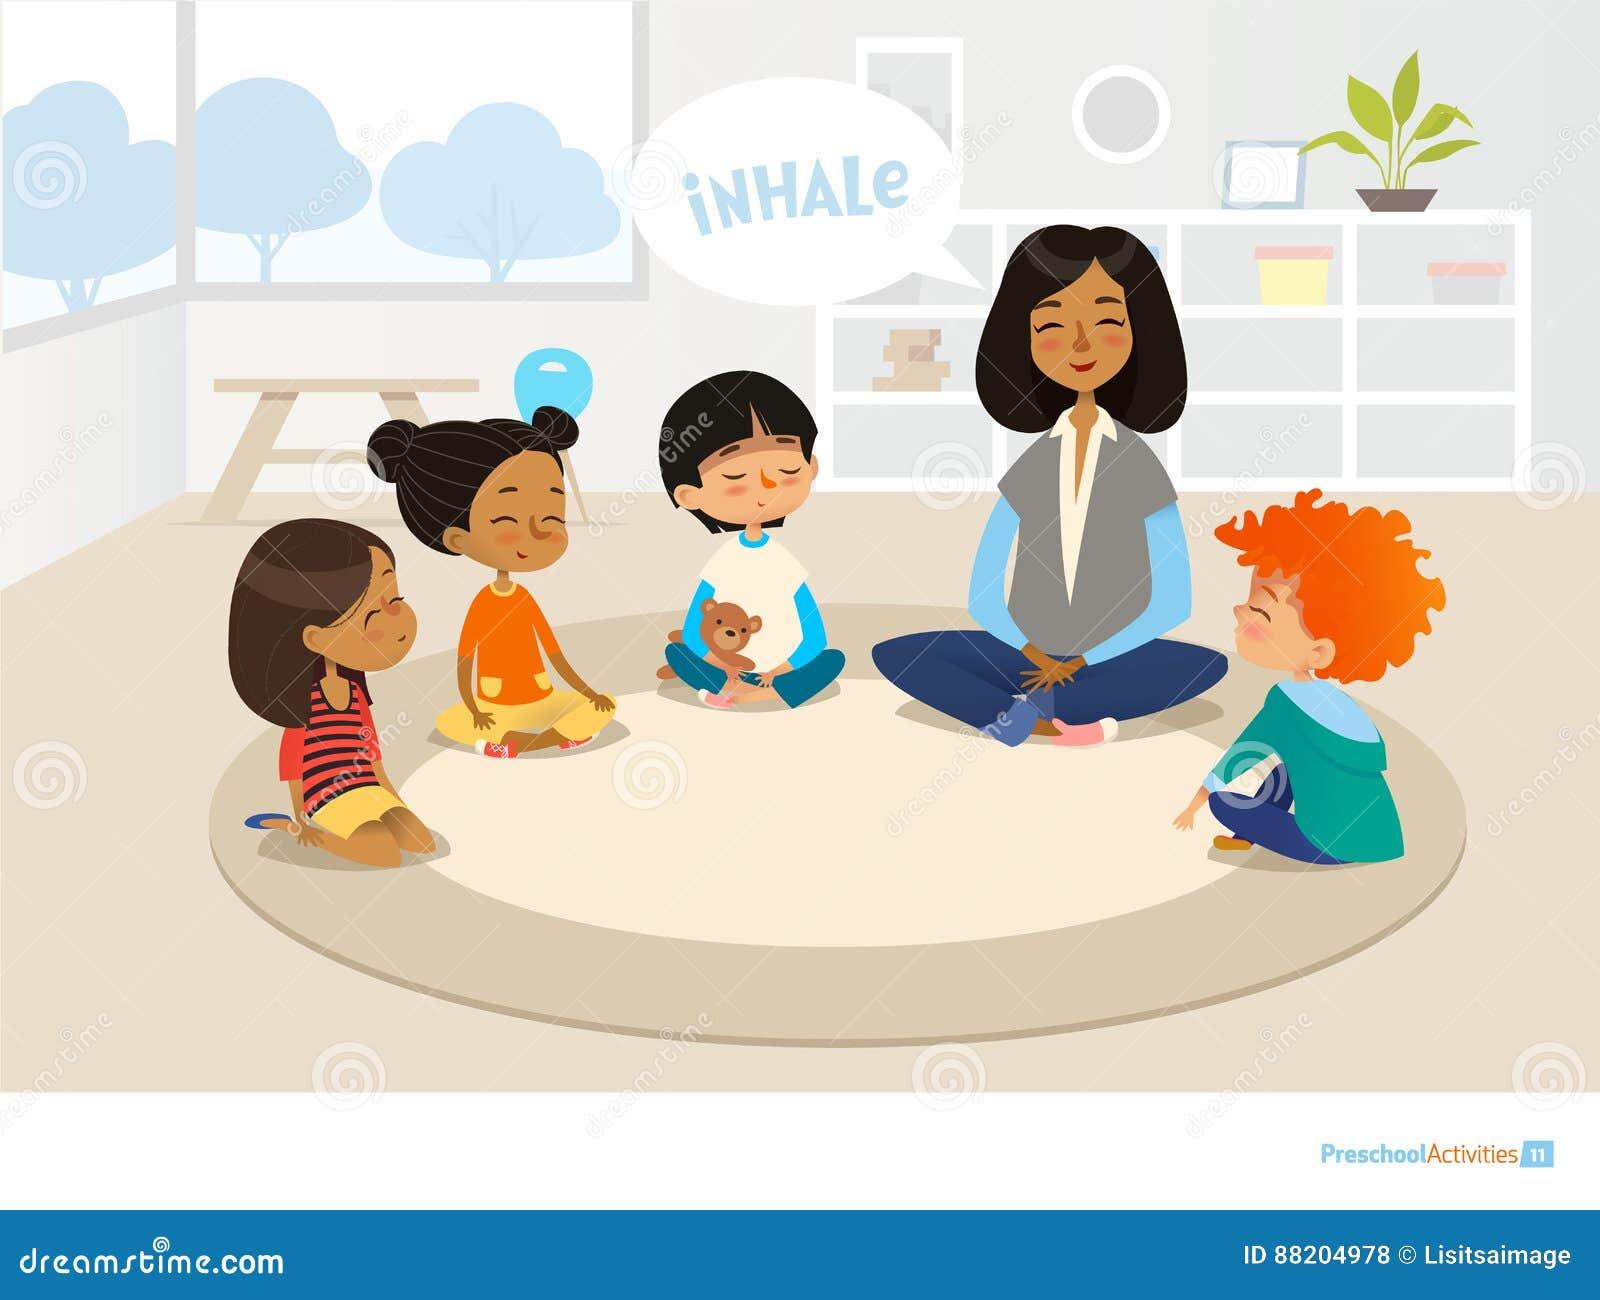 Χαμογελώντας δάσκαλος και παιδιά παιδικών σταθμών που κάθονται στον κύκλο και Προσχολικές δραστηριότητες και πρόωρη εκπαίδευση πα